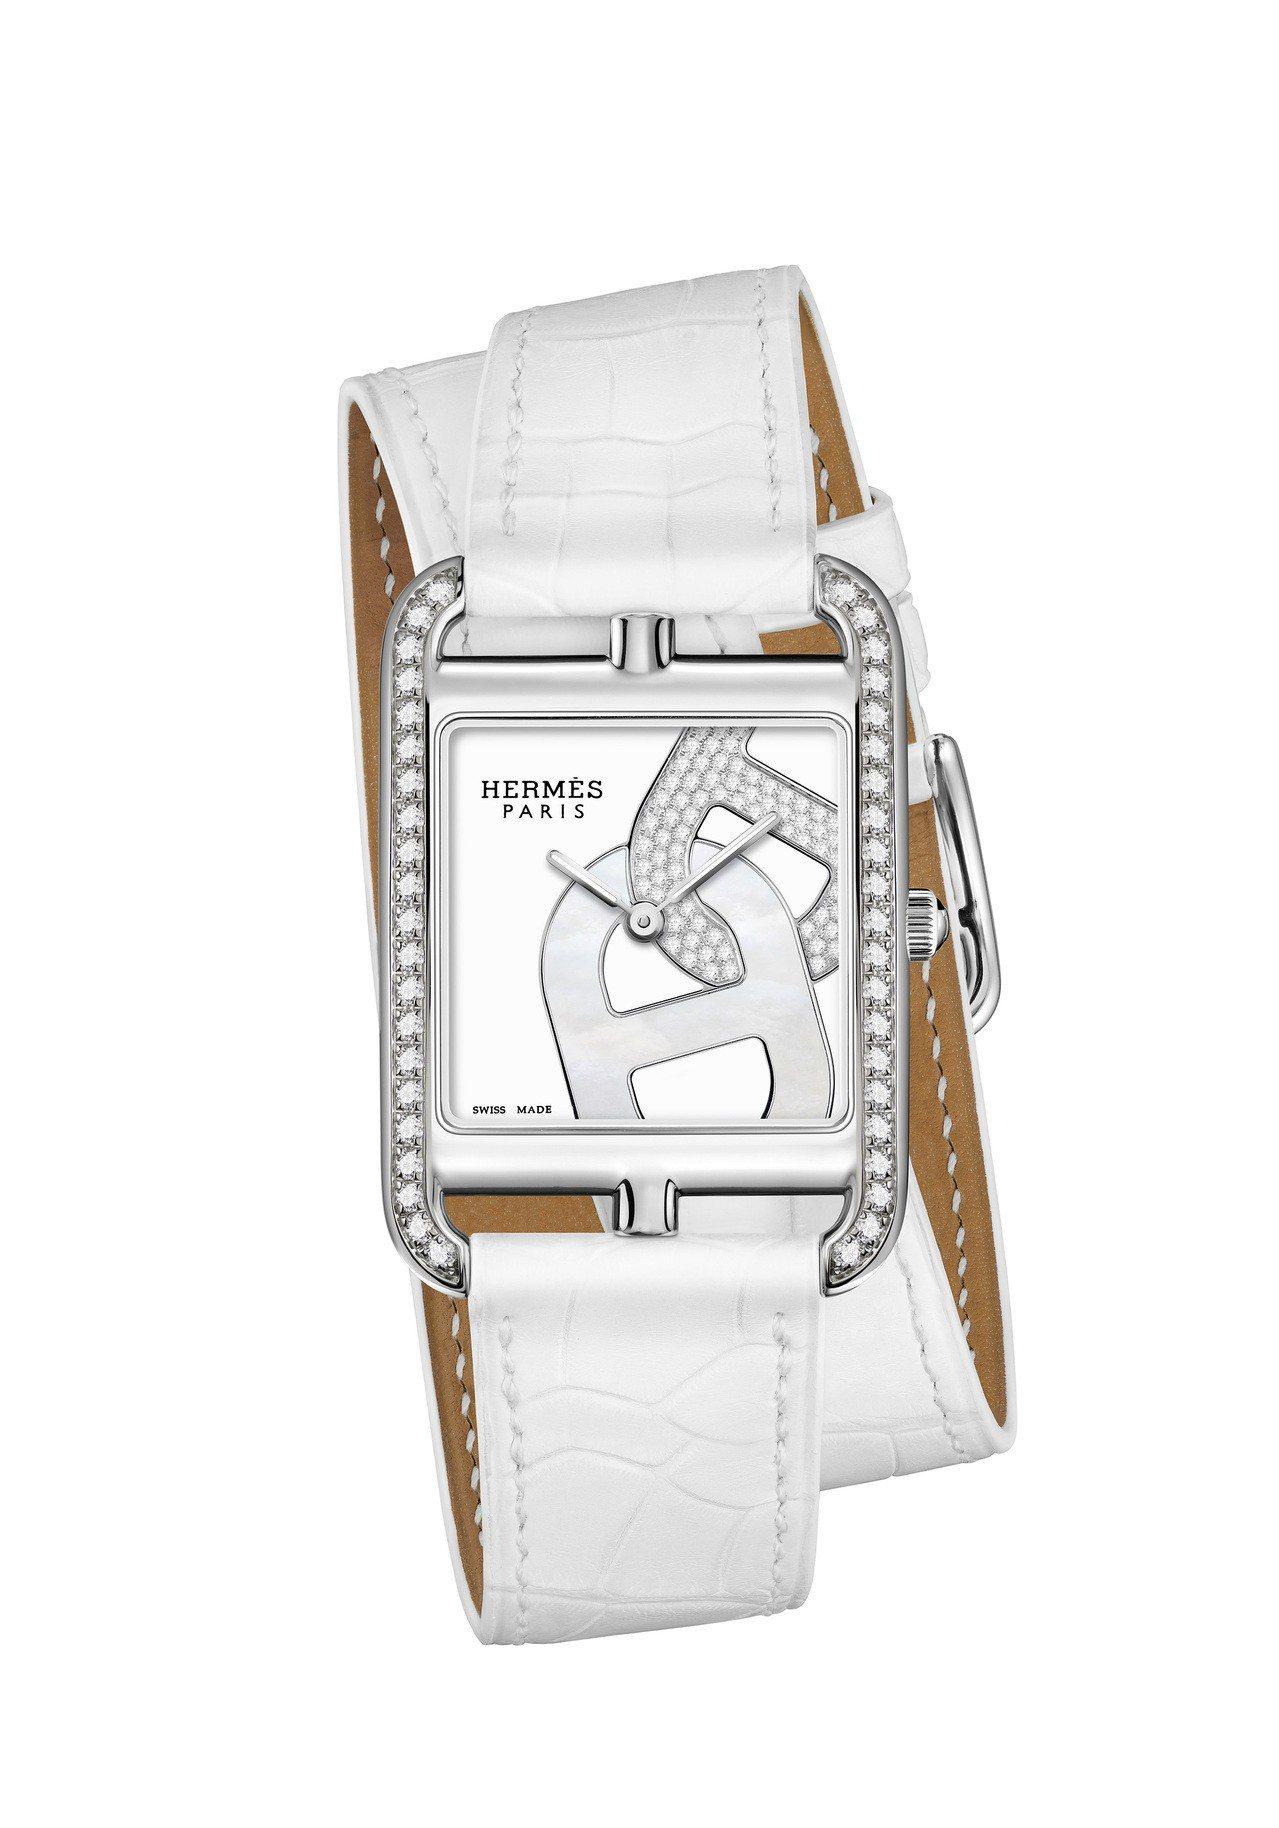 愛馬仕Cape Cod系列Chaîne d'ancre珠寶腕表,白色漆面及珍珠母...